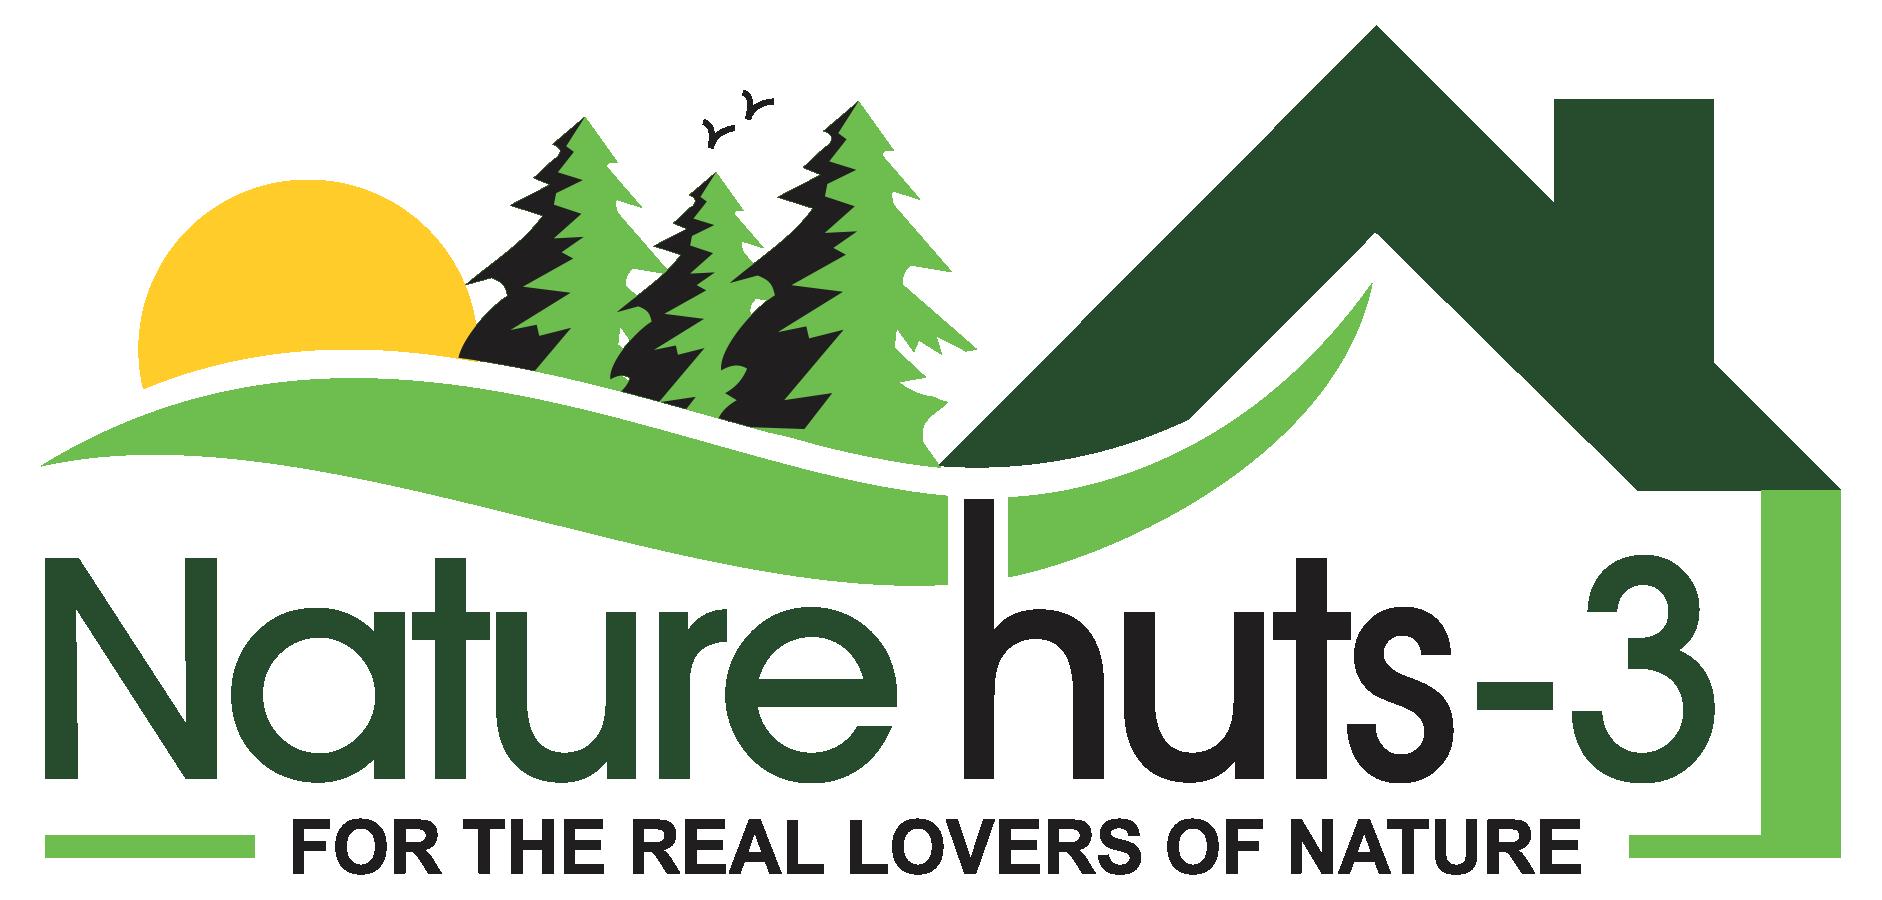 Nature-Huts-3-Logo